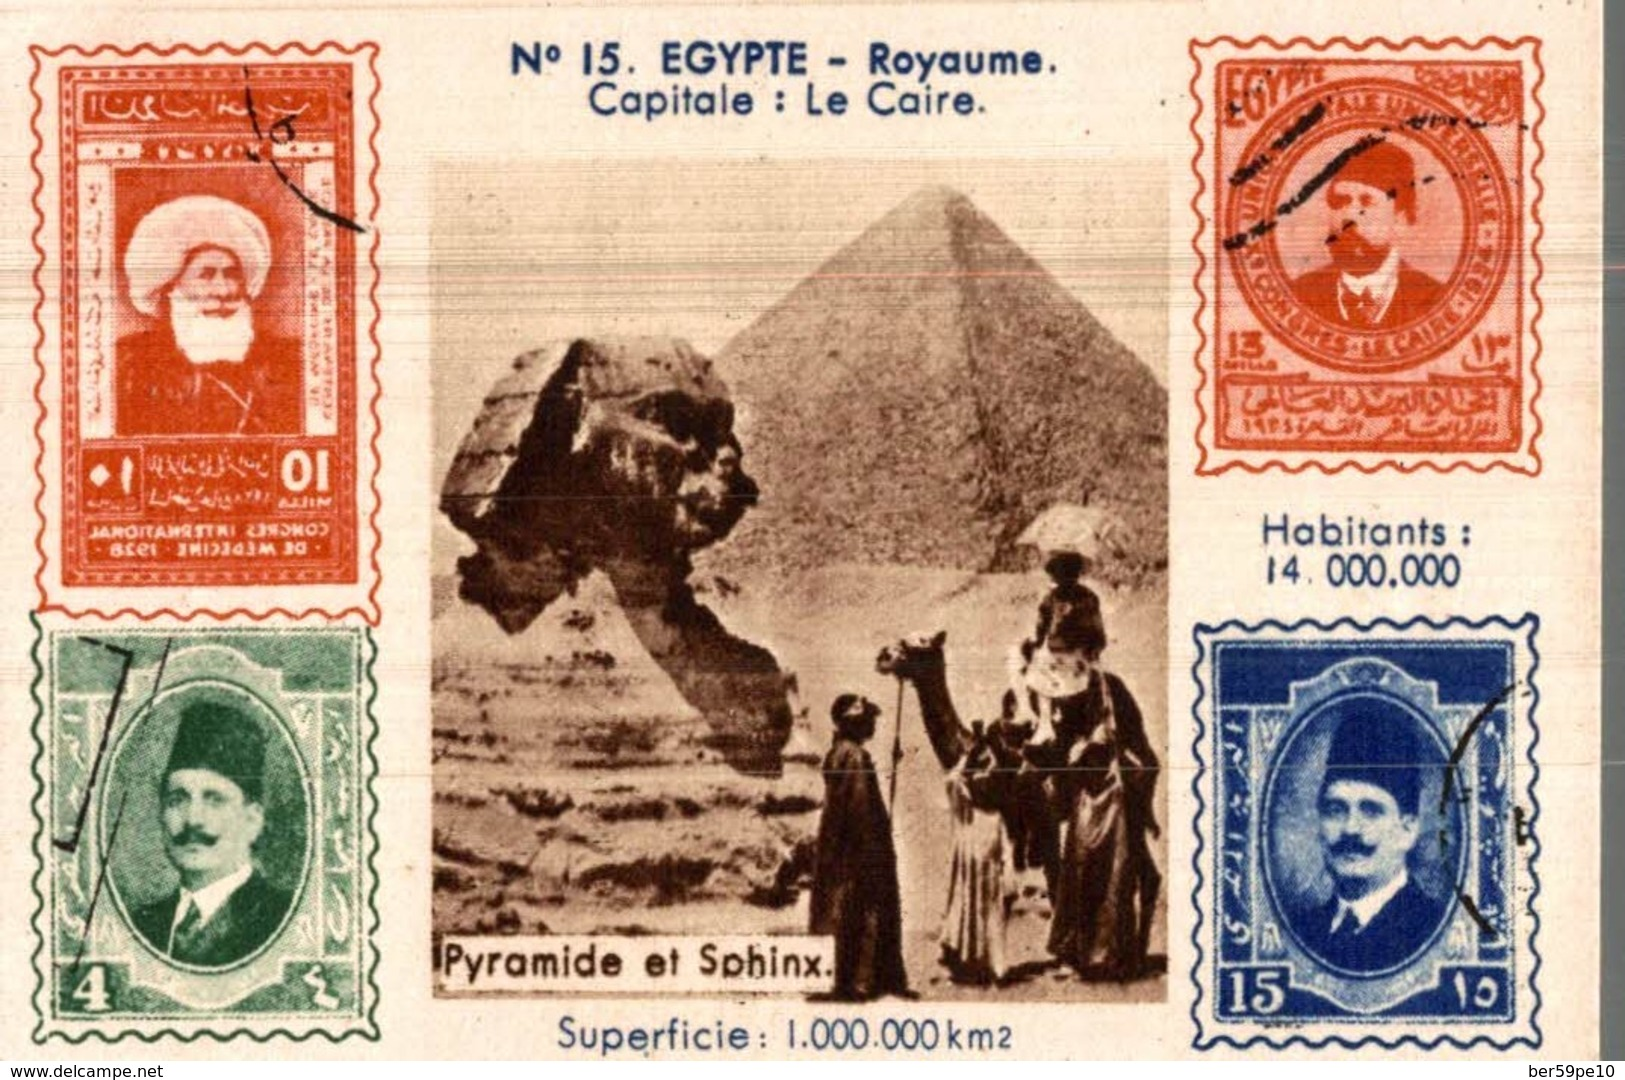 CHROMO  MACHINES A ECRIRE P. JULLIENNE PARIS  EGYPTE ROYAUME CAPITALE LE CAIRE  PYRAMIDE ET SPHINX - Other